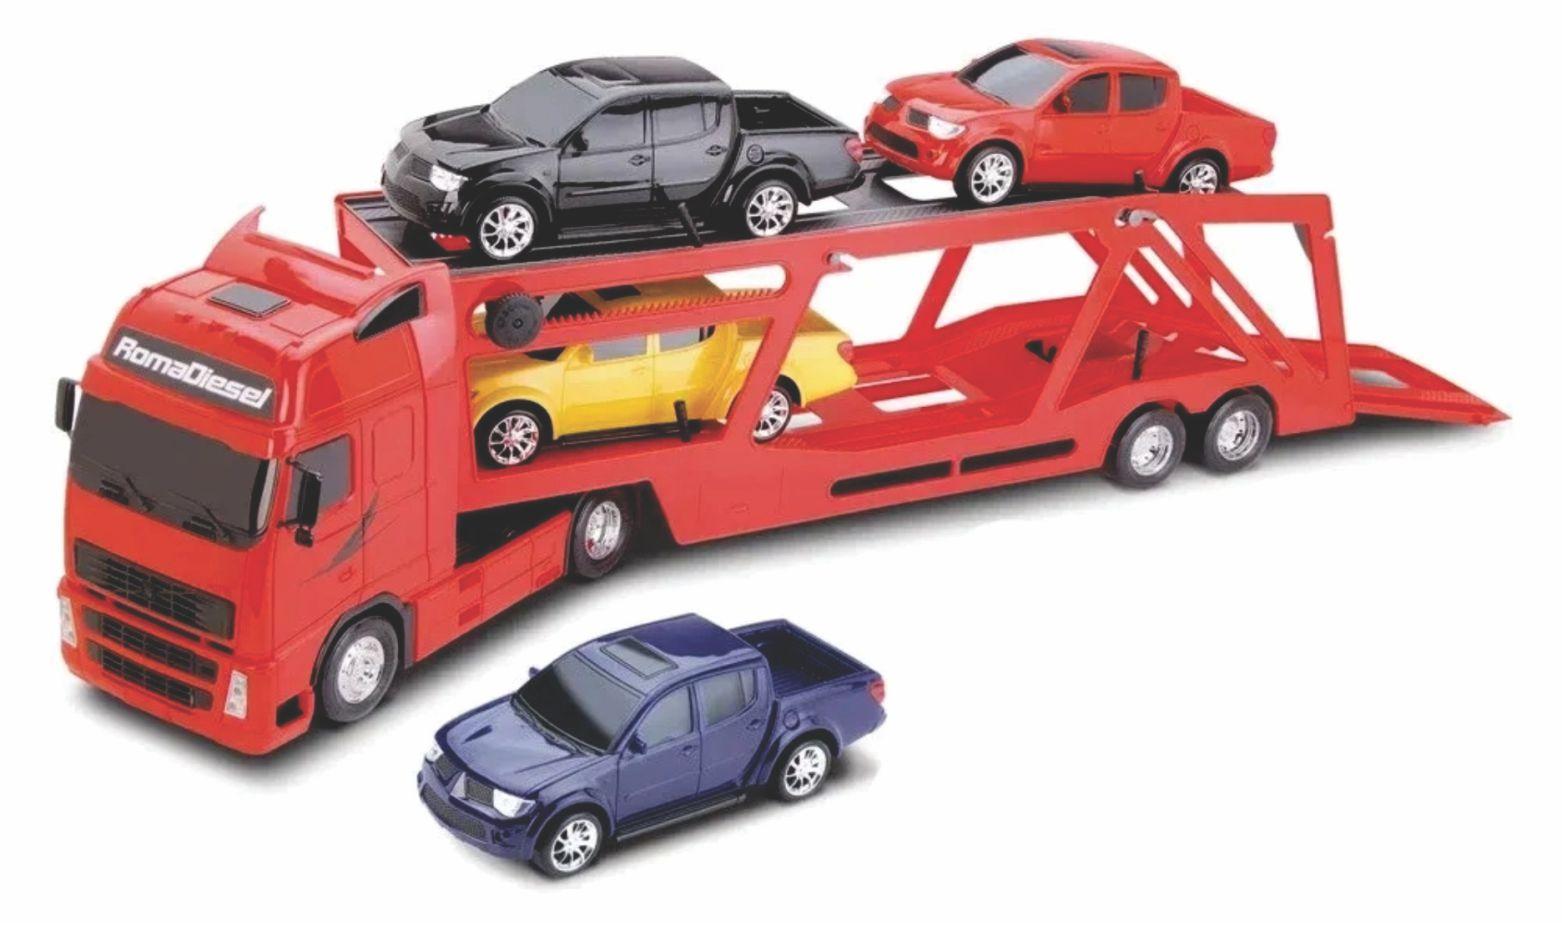 Roma Diesel - RX Cegonheira - Roma Brinquedos